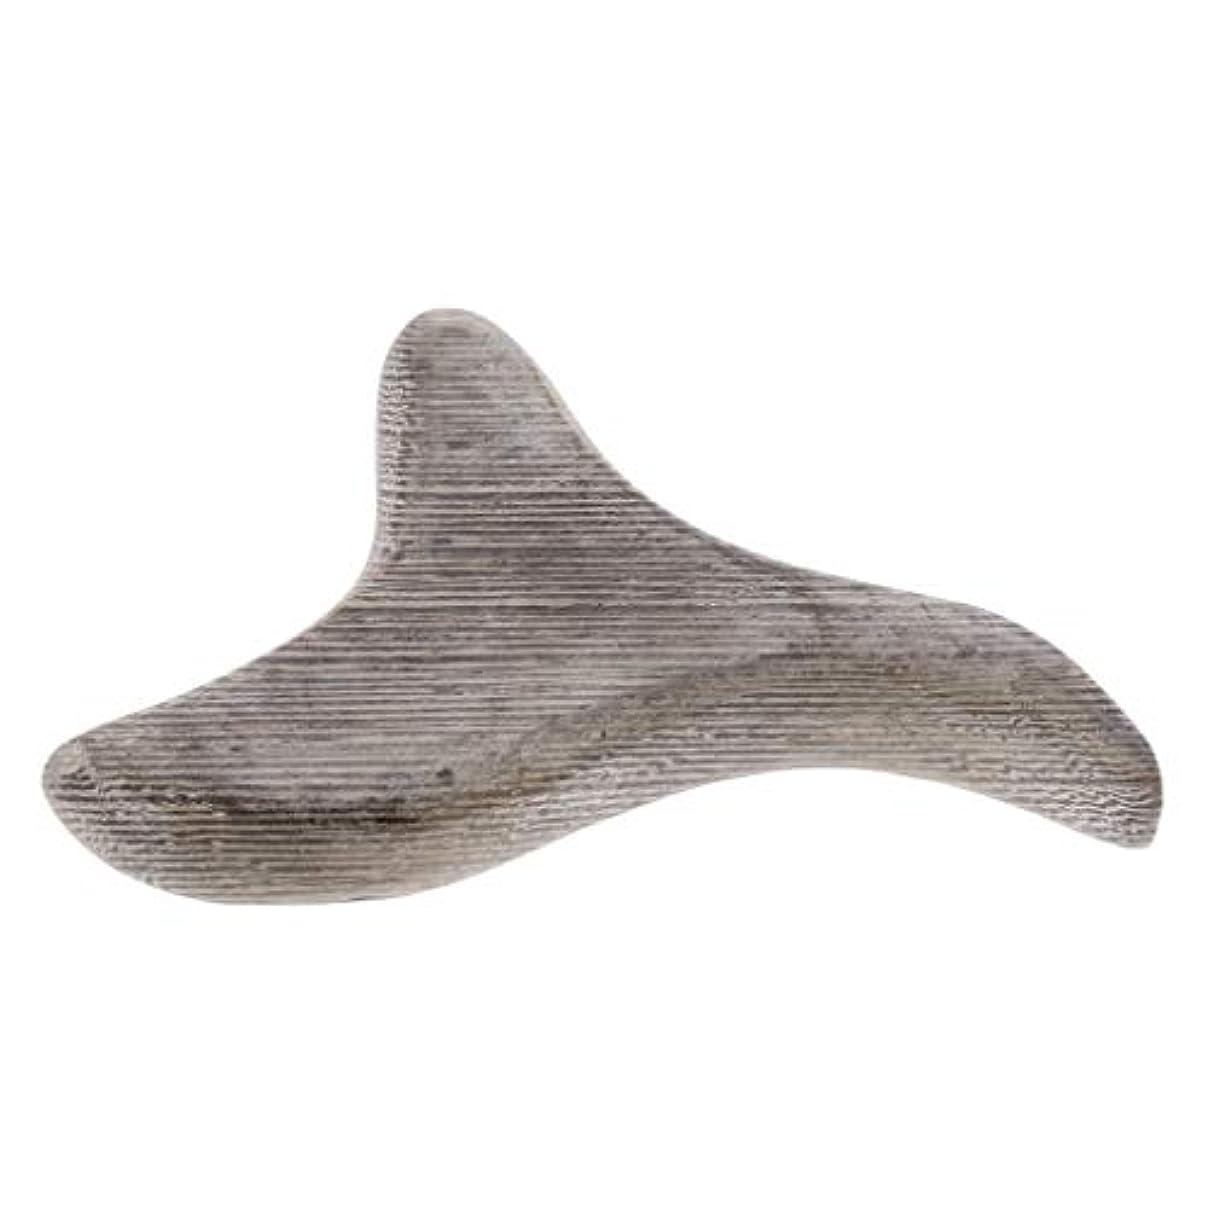 反逆者救い珍味Baoblaze 三角形 マッサージボード かっさプレート 木製 サロン エステ